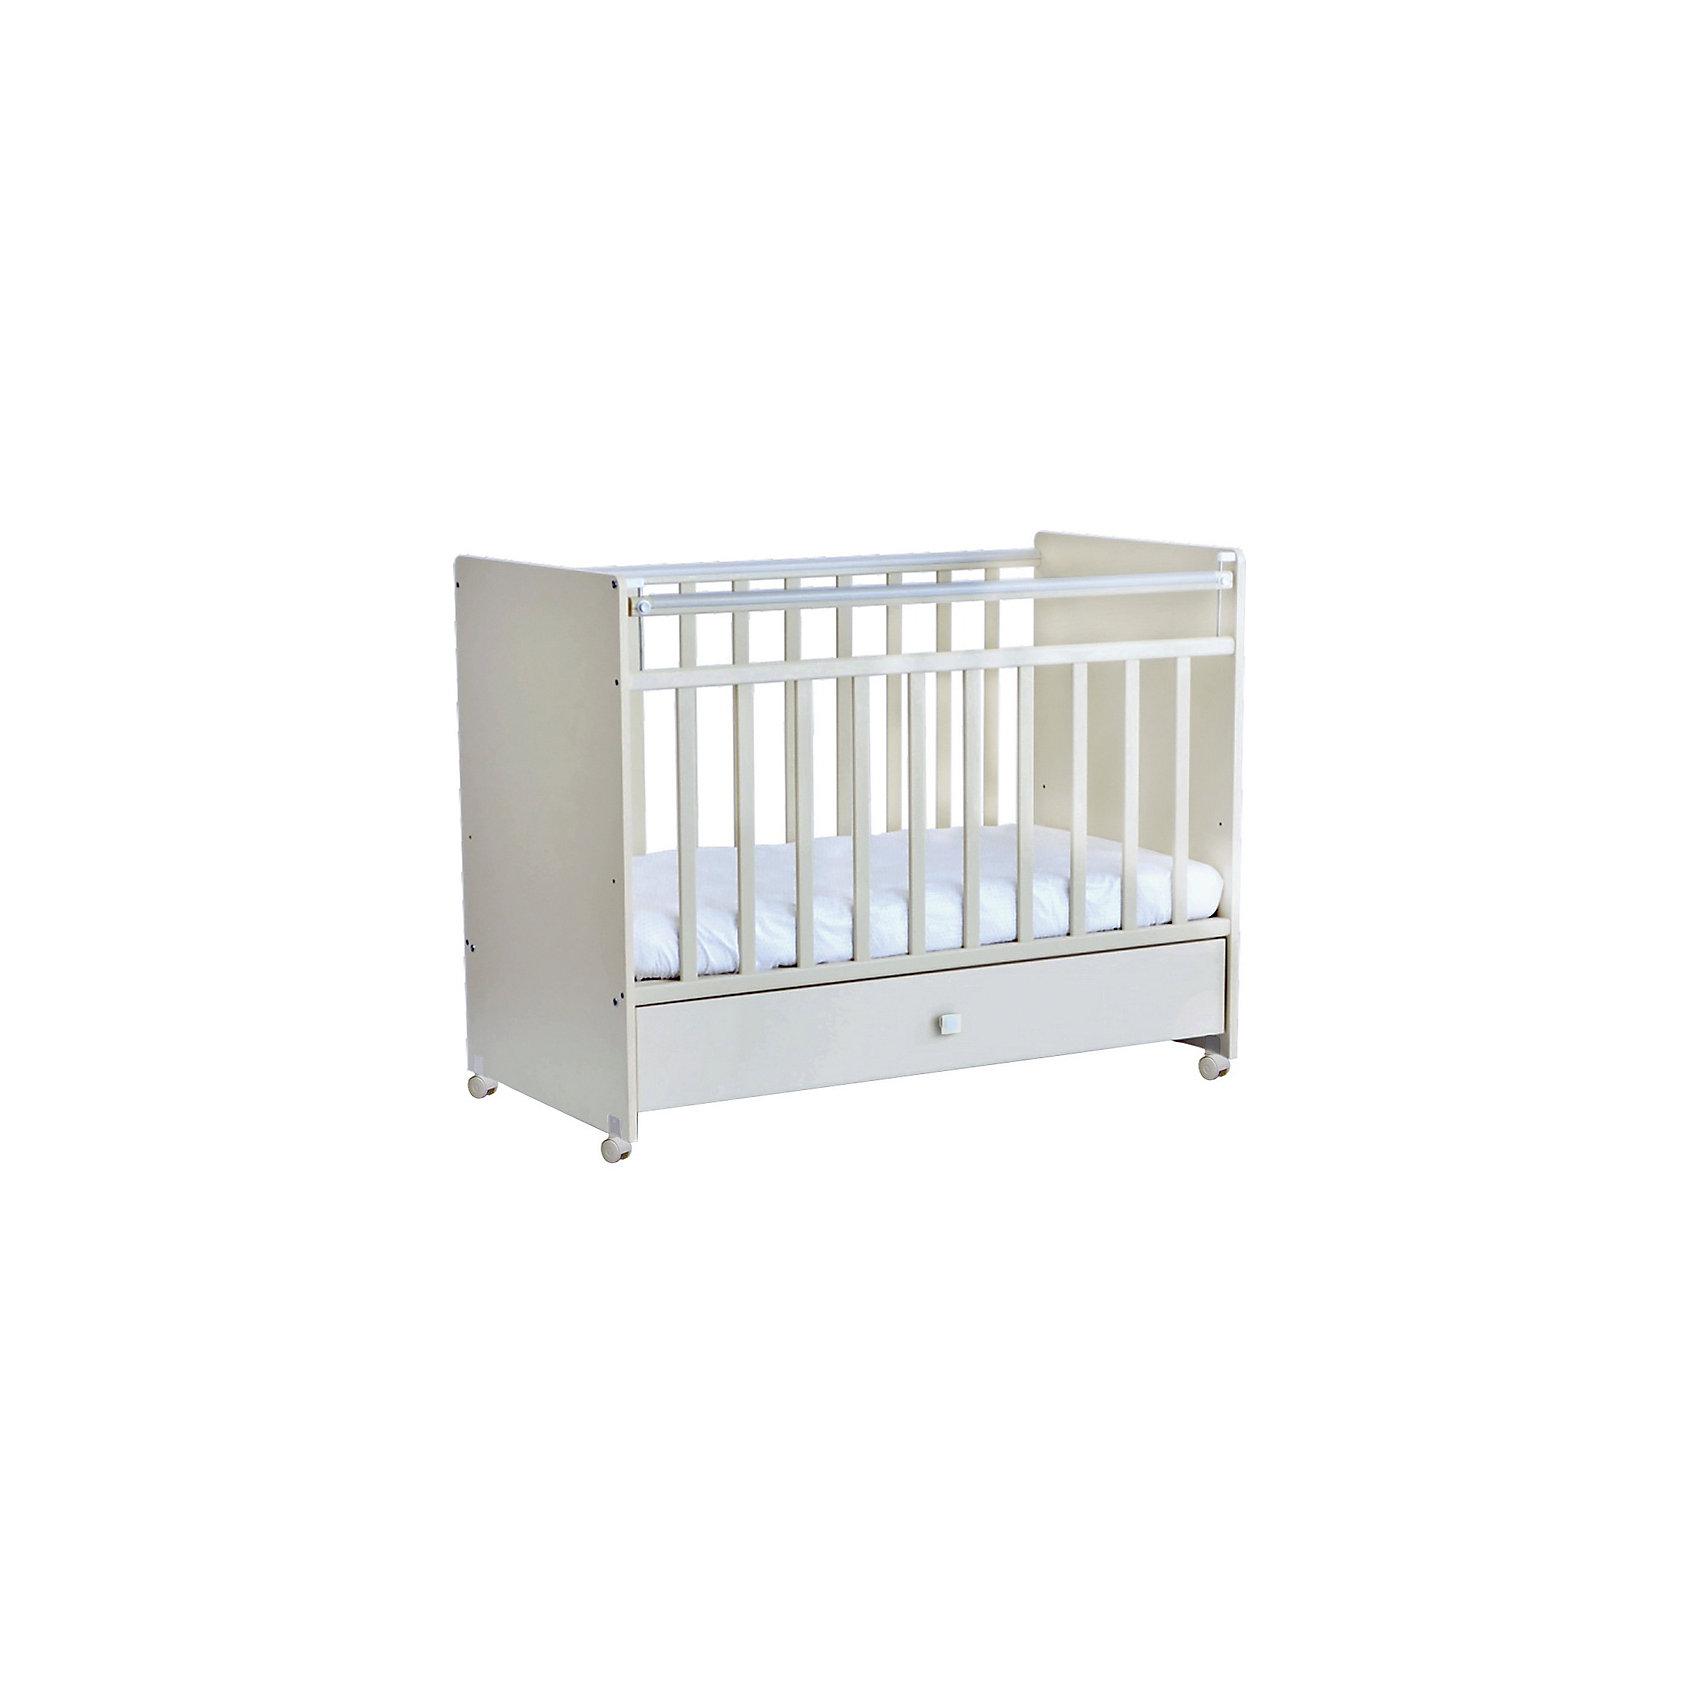 Кроватка 700, Фея, слоновая костьКроватки<br>Хорошая детская мебель всегда отличается от взрослой, так как производится с учетом потребностей малышей. Данная кроватка обеспечит удобство и ребенку и маме - она имеет удобный механизм опускания передней планки и колесики, с помощью которых кроватку можно перемещать.<br>В этой модели также есть удобный ящик и накладки ПВХ. Кроватка сделана из качественного дерева, покрытого лаком. Цвет - приятный и универсальный, подойдет практически для любого интерьера. Все материалы тщательно подобраны специалистами и безопасны для детей.<br><br>Дополнительная информация:<br><br>цвет: слоновая кость;<br>материал: дерево, лак;<br>передняя планка удобно опускается;<br>выдвижной ящик;<br>ложе имеет 2 положения;<br>колёсики;<br>накладки ПВХ;<br>ортопедической основание;<br>размер:  99,8 х 123,2 х 63,8 см ;<br>ложе: 60 на 120 см;<br>вес: 34,1 кг.<br><br>Кроватку 700 торговой марки Фея можно купить в нашем магазине.<br><br>Ширина мм: 998<br>Глубина мм: 1232<br>Высота мм: 638<br>Вес г: 24700<br>Возраст от месяцев: 0<br>Возраст до месяцев: 36<br>Пол: Унисекс<br>Возраст: Детский<br>SKU: 4873653